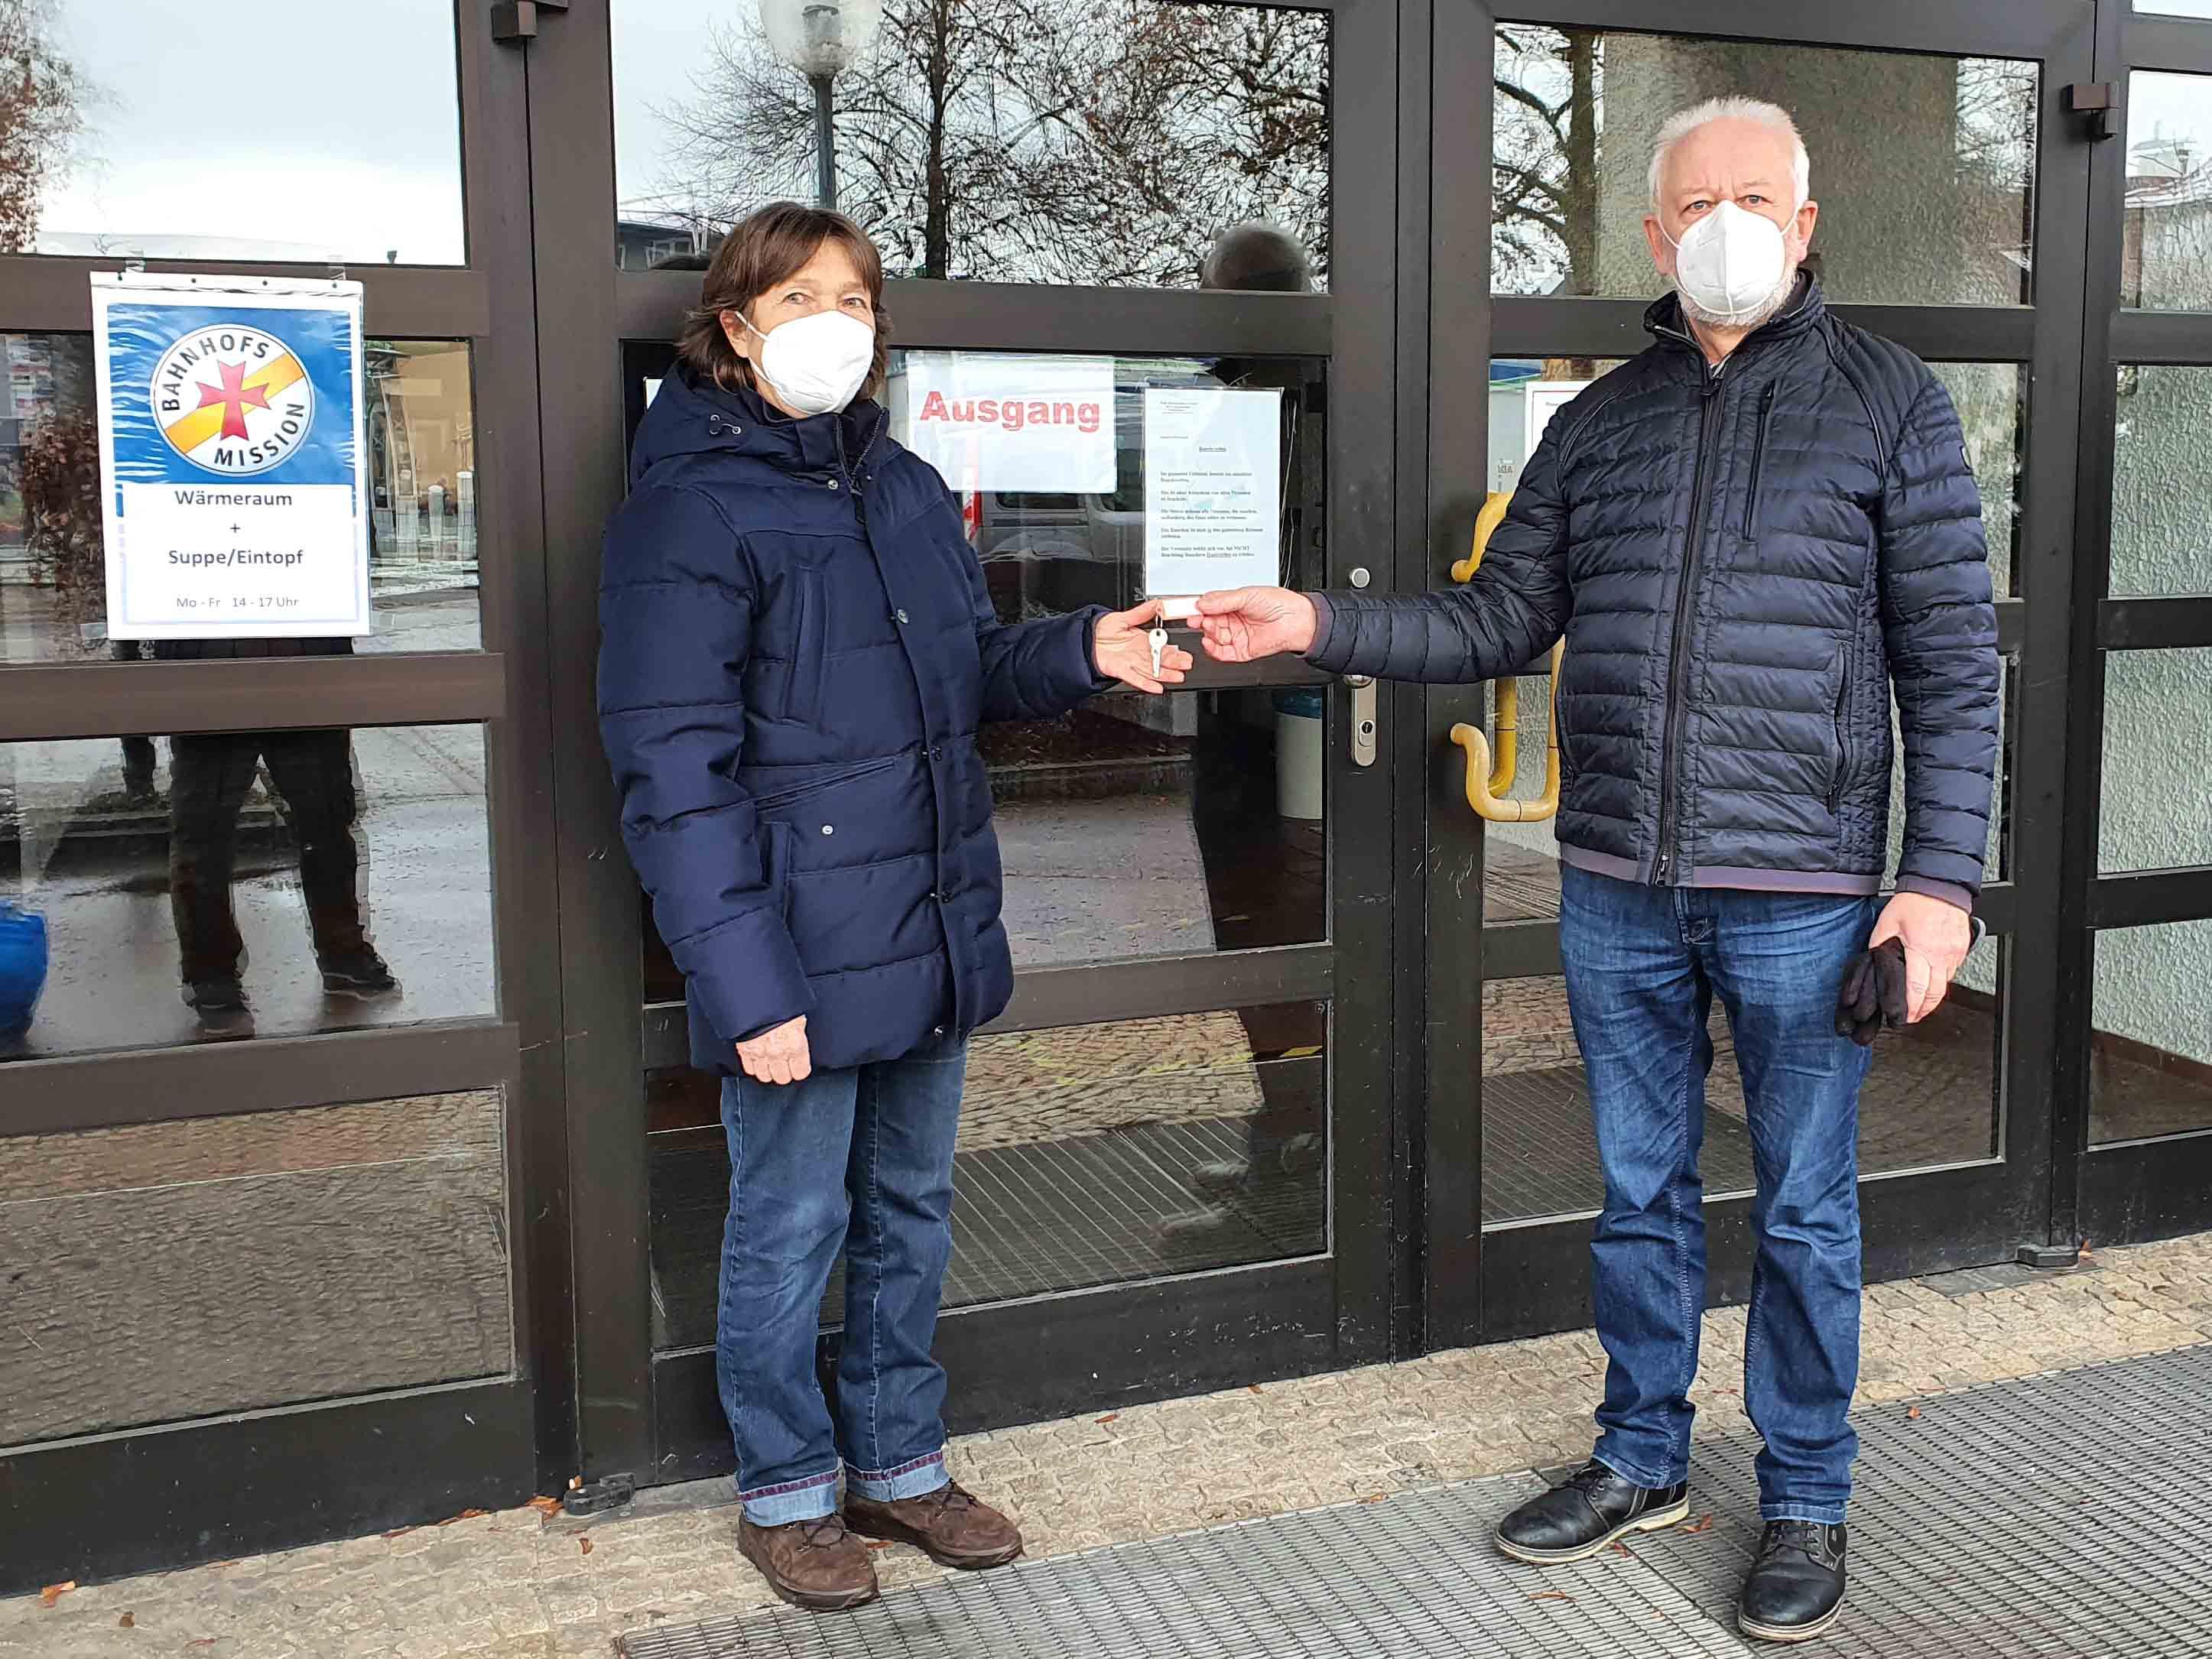 Kirchenpfleger Christoph Breunig übergibt den Schlüssel für das Pfarrzentrum an die Leiterin der Bahnhofsmission Conny Schäle. (Foto: Bahnhofsmission)